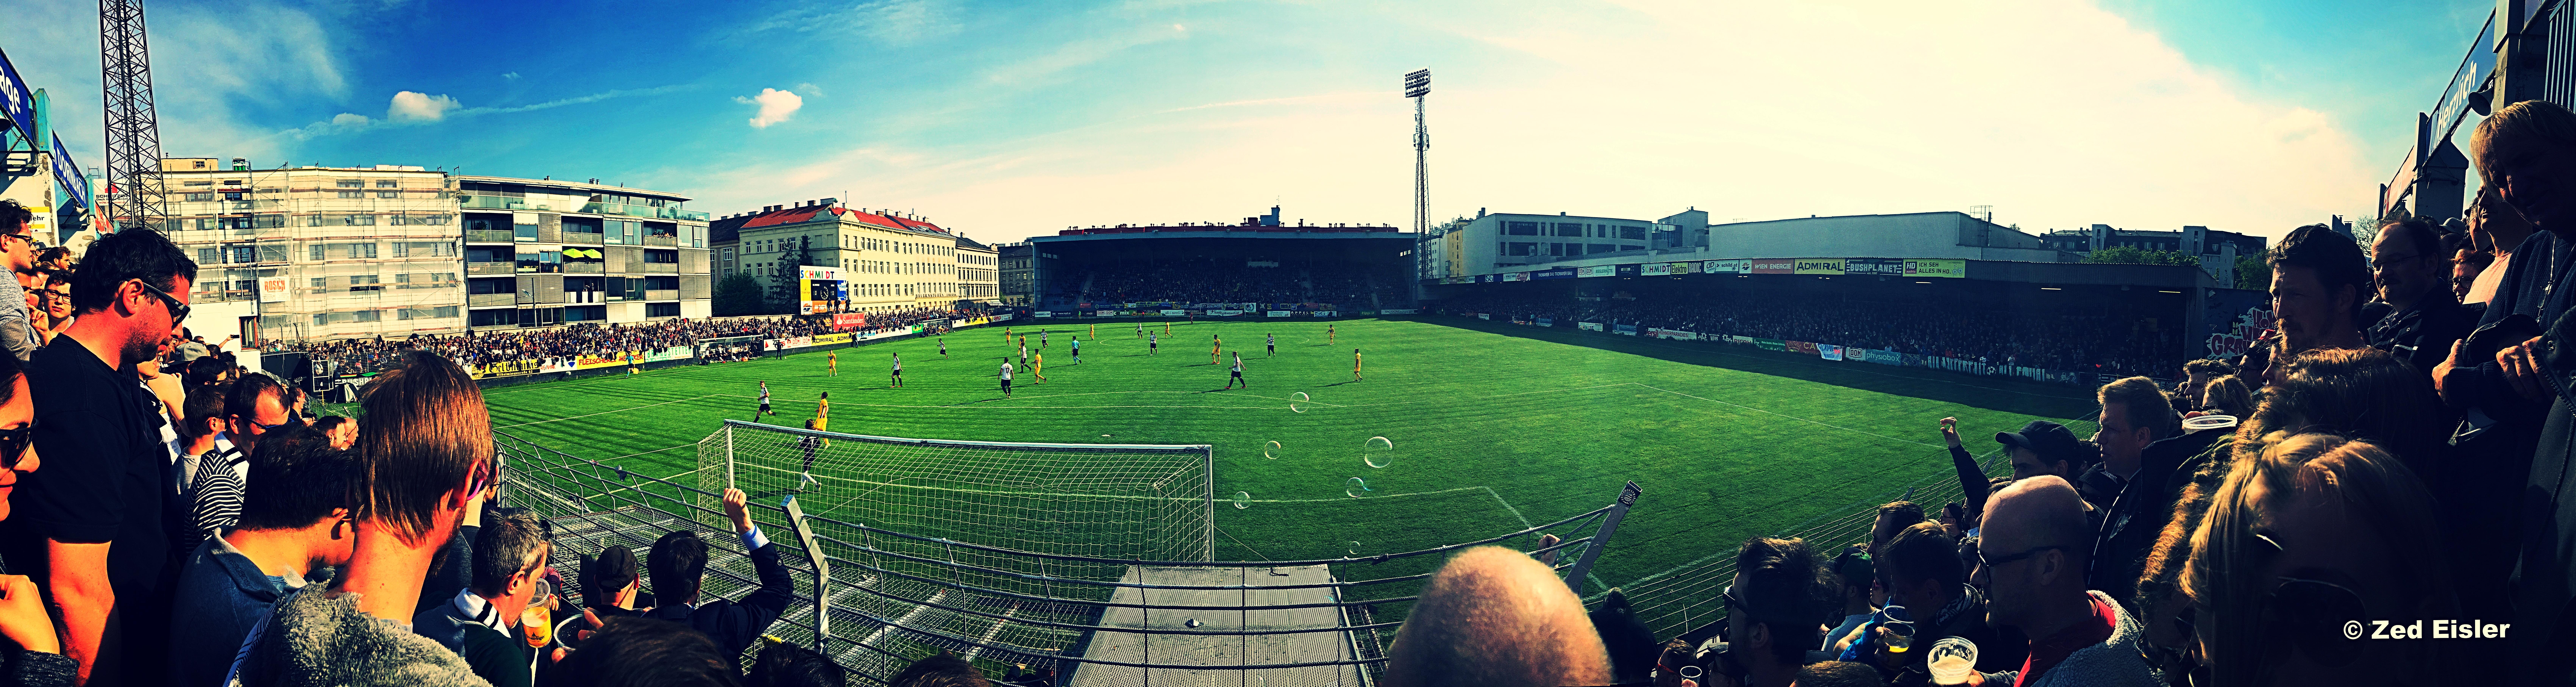 Wiener Sportklub vs. First Vienna FC; 7812 ZuseherInnen am Sportclubplatz, 01.05.2017